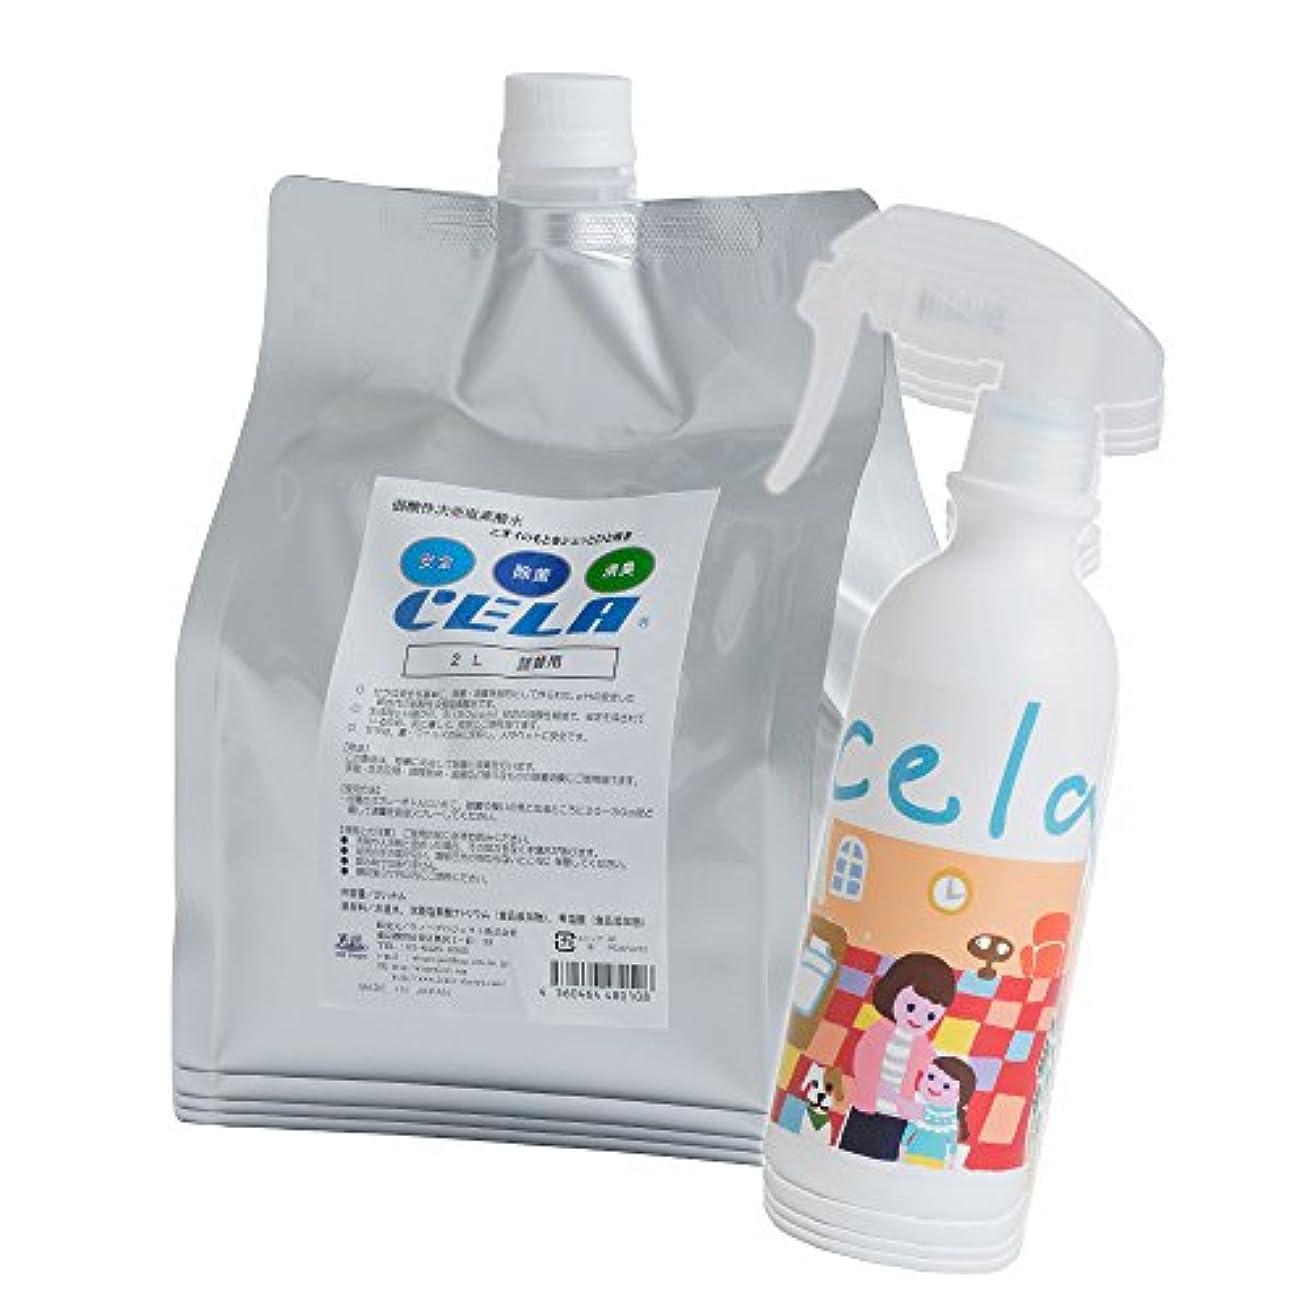 弱酸性次亜塩素酸水【CELA(セラ)】300ミリリットルスプレーボトル&2リットル詰め替え用アルミパックセット